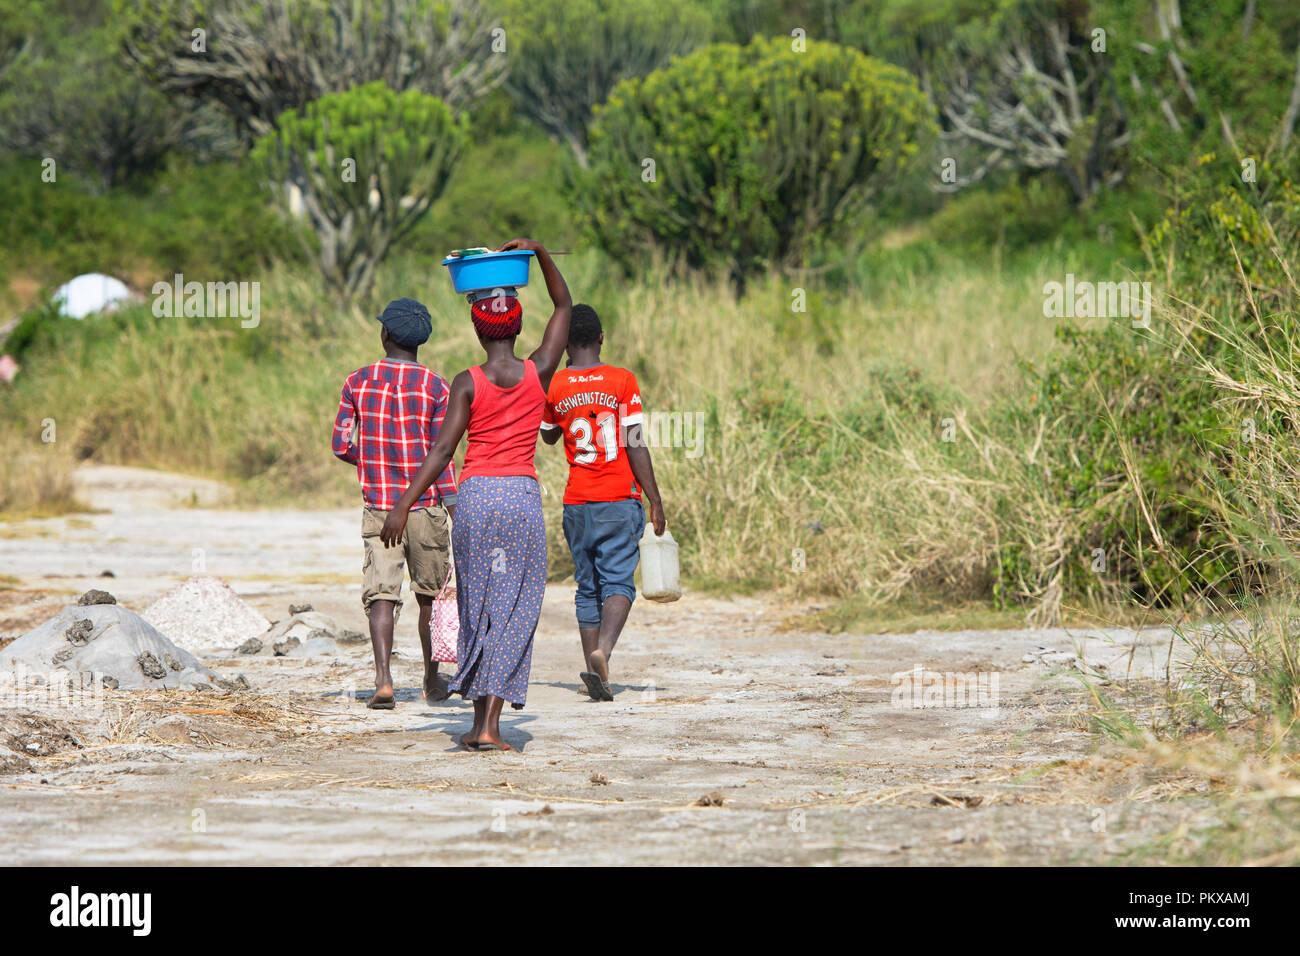 African Woman Walking transportant sur la tête du bassin et deux jeunes hommes marchant, l'Afrique femme porte la charge au dessus de sa tête, de l'Ouganda Photo Stock